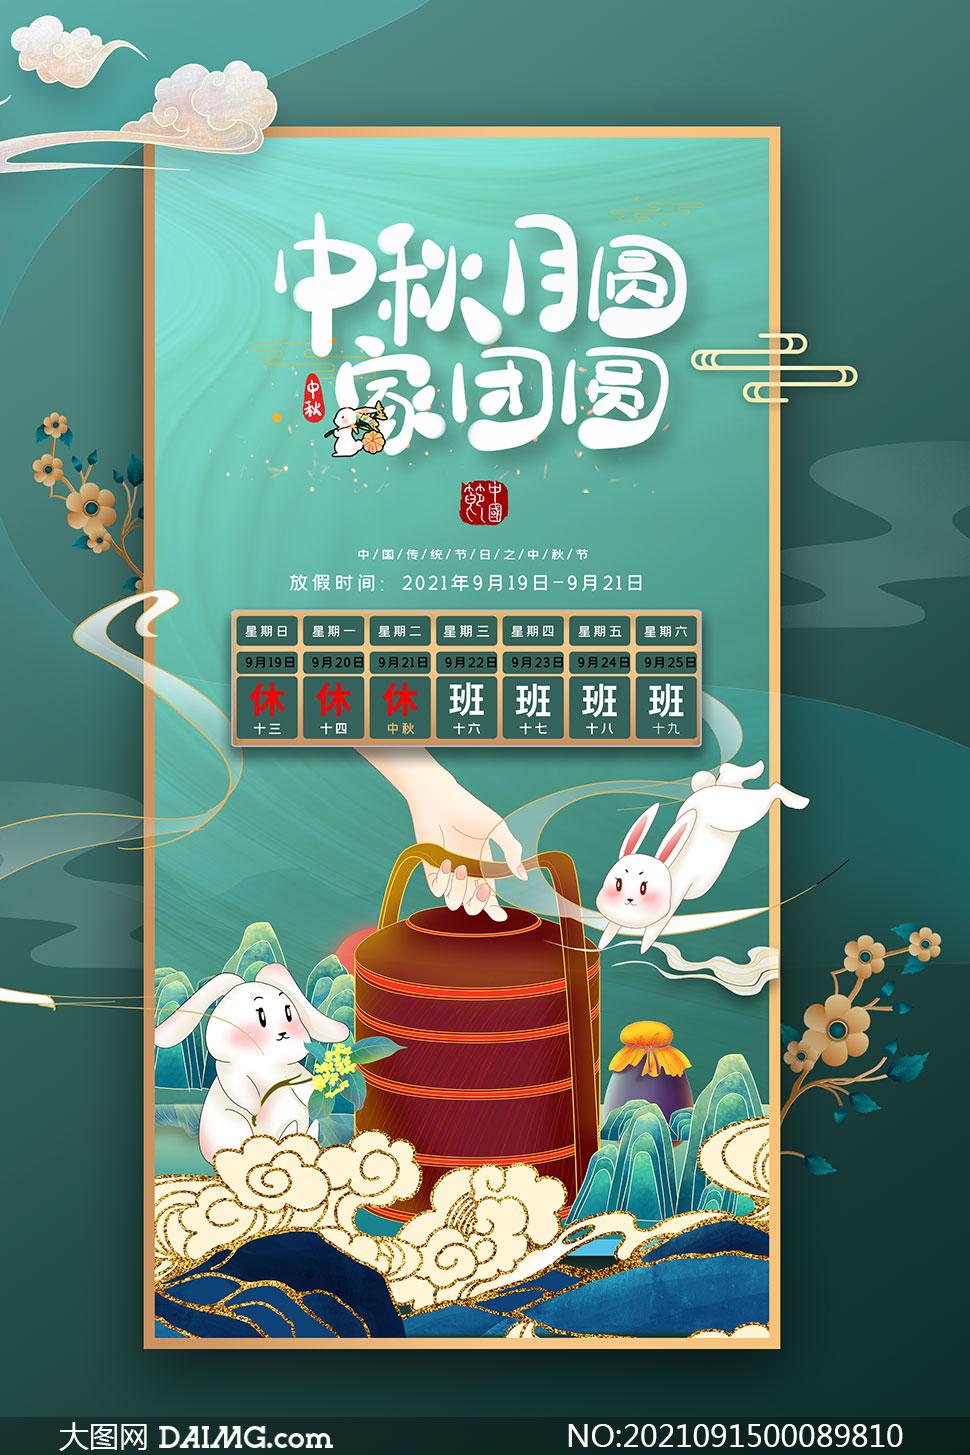 2021中国风中秋节放假通知海报PSD素材